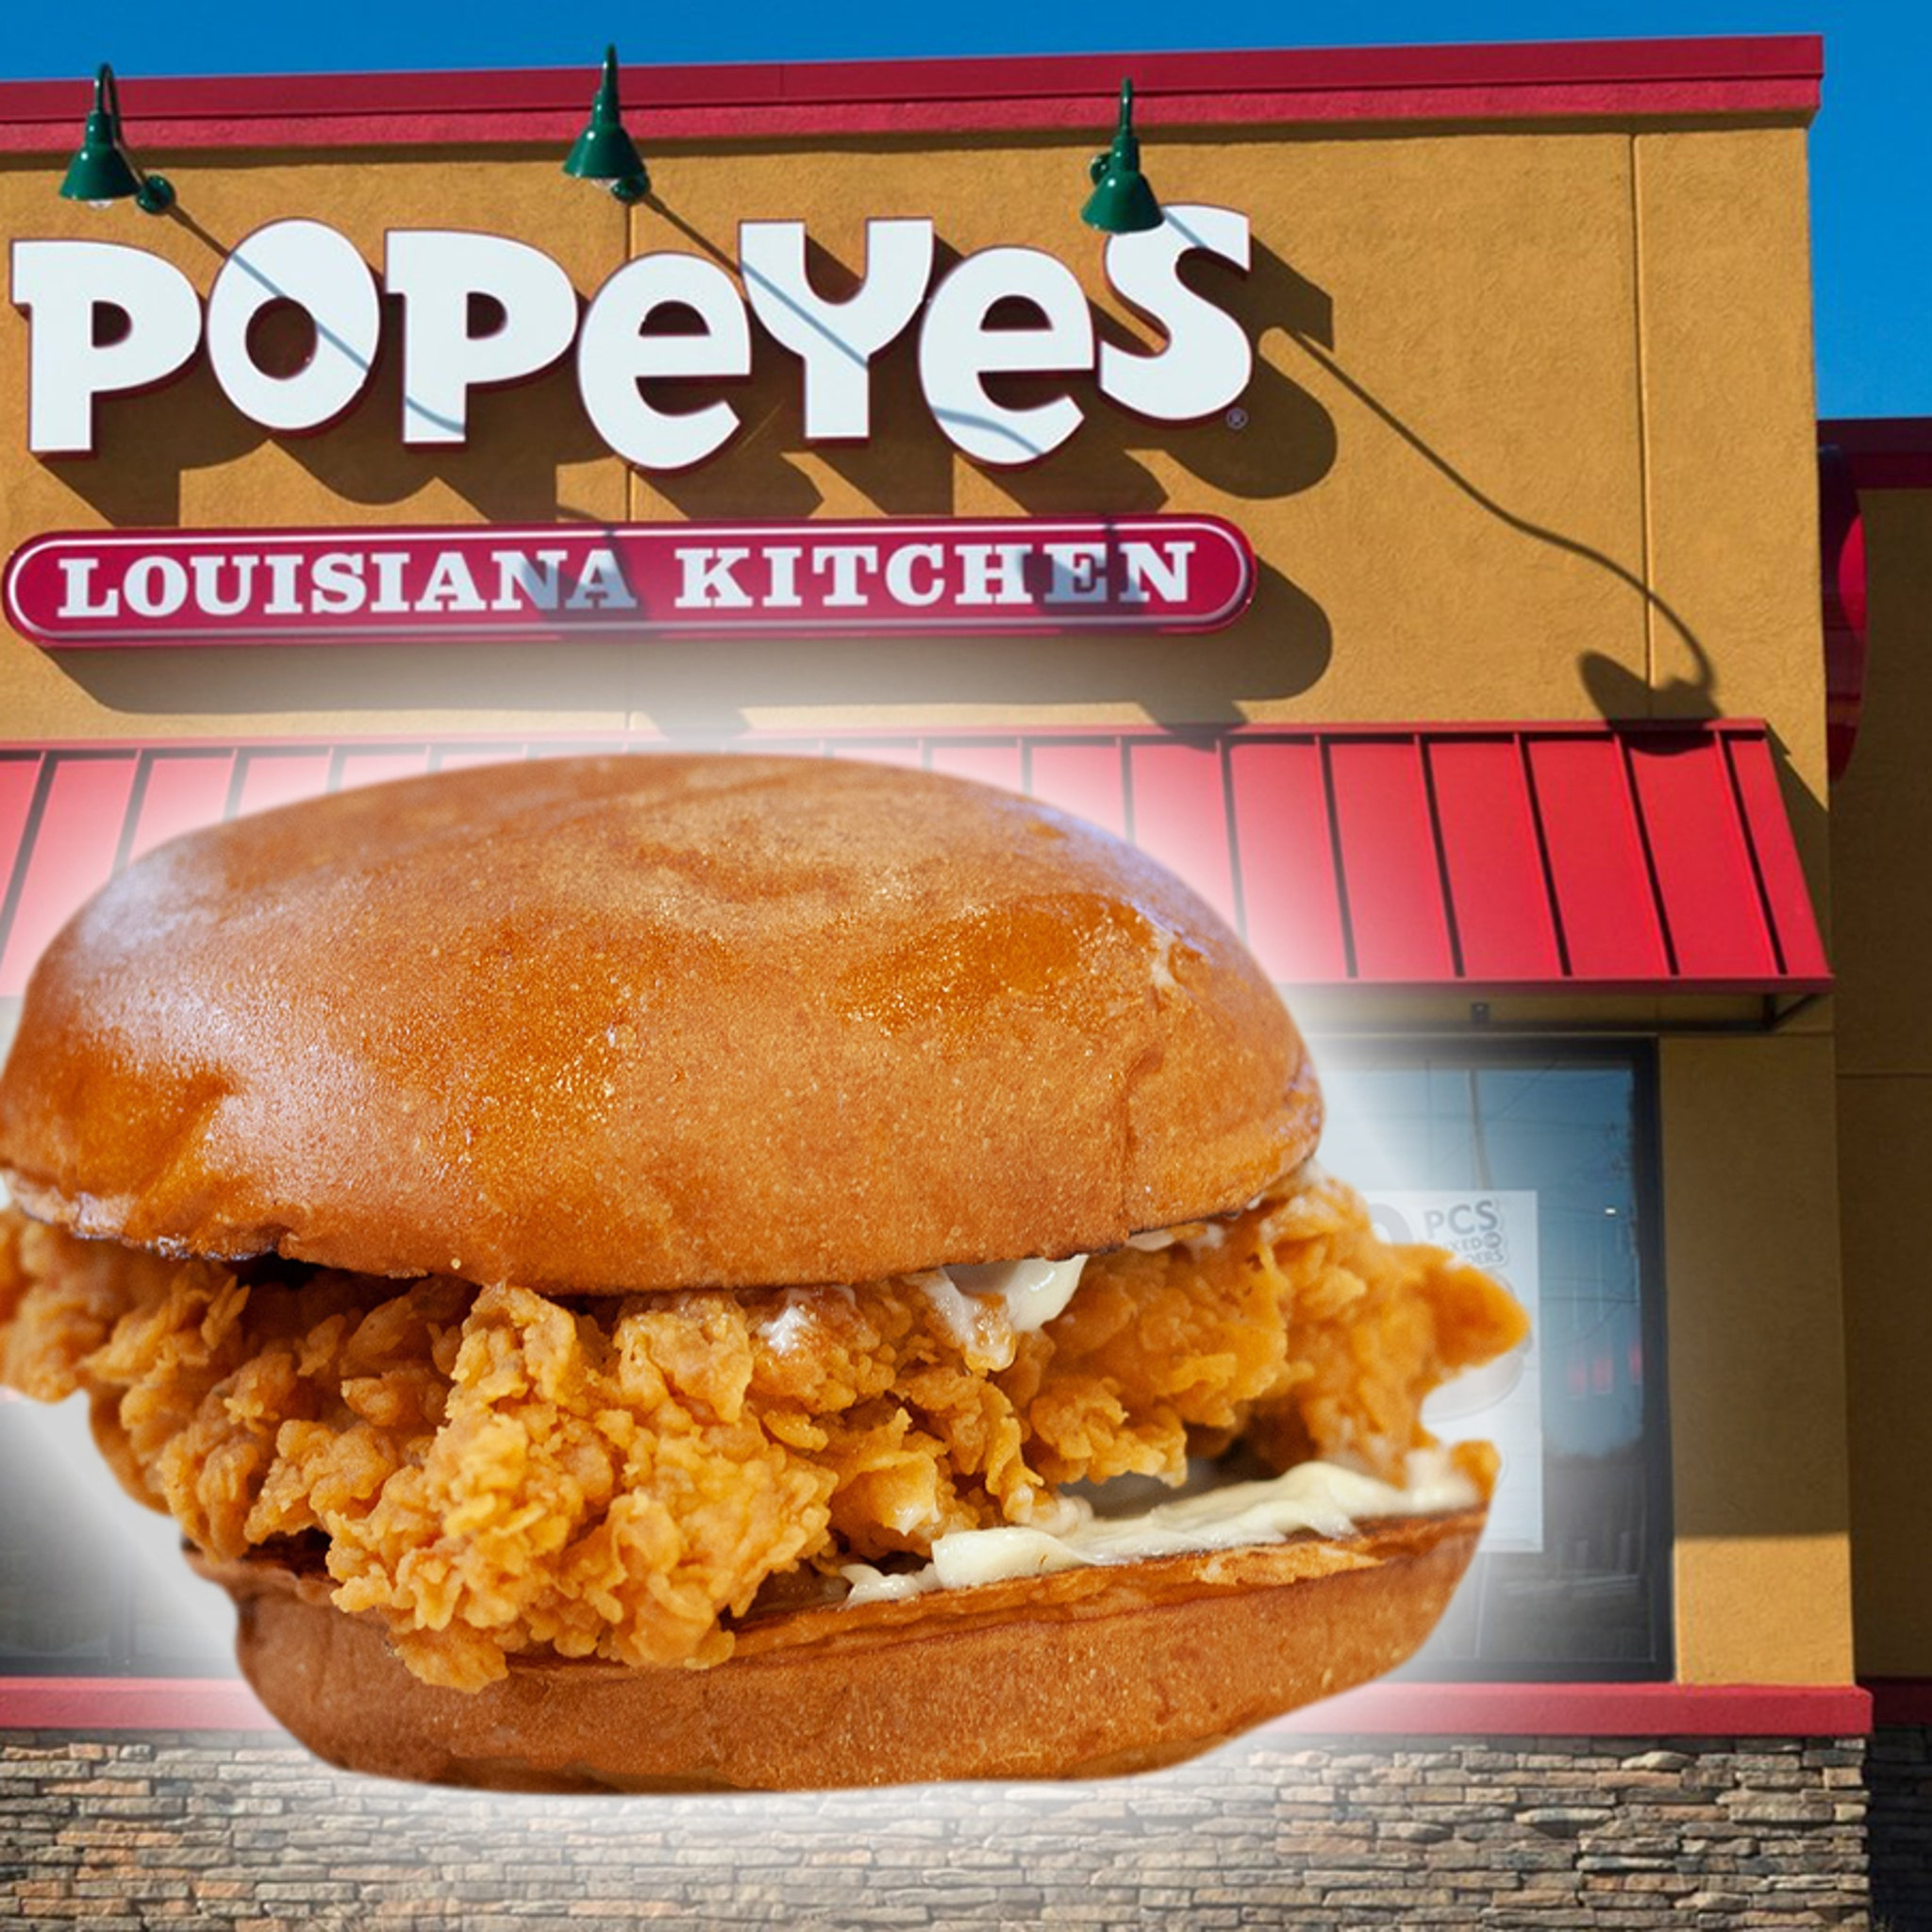 Popeyes Not Pulling Chicken Sandwich Despite Murder And Mayhem